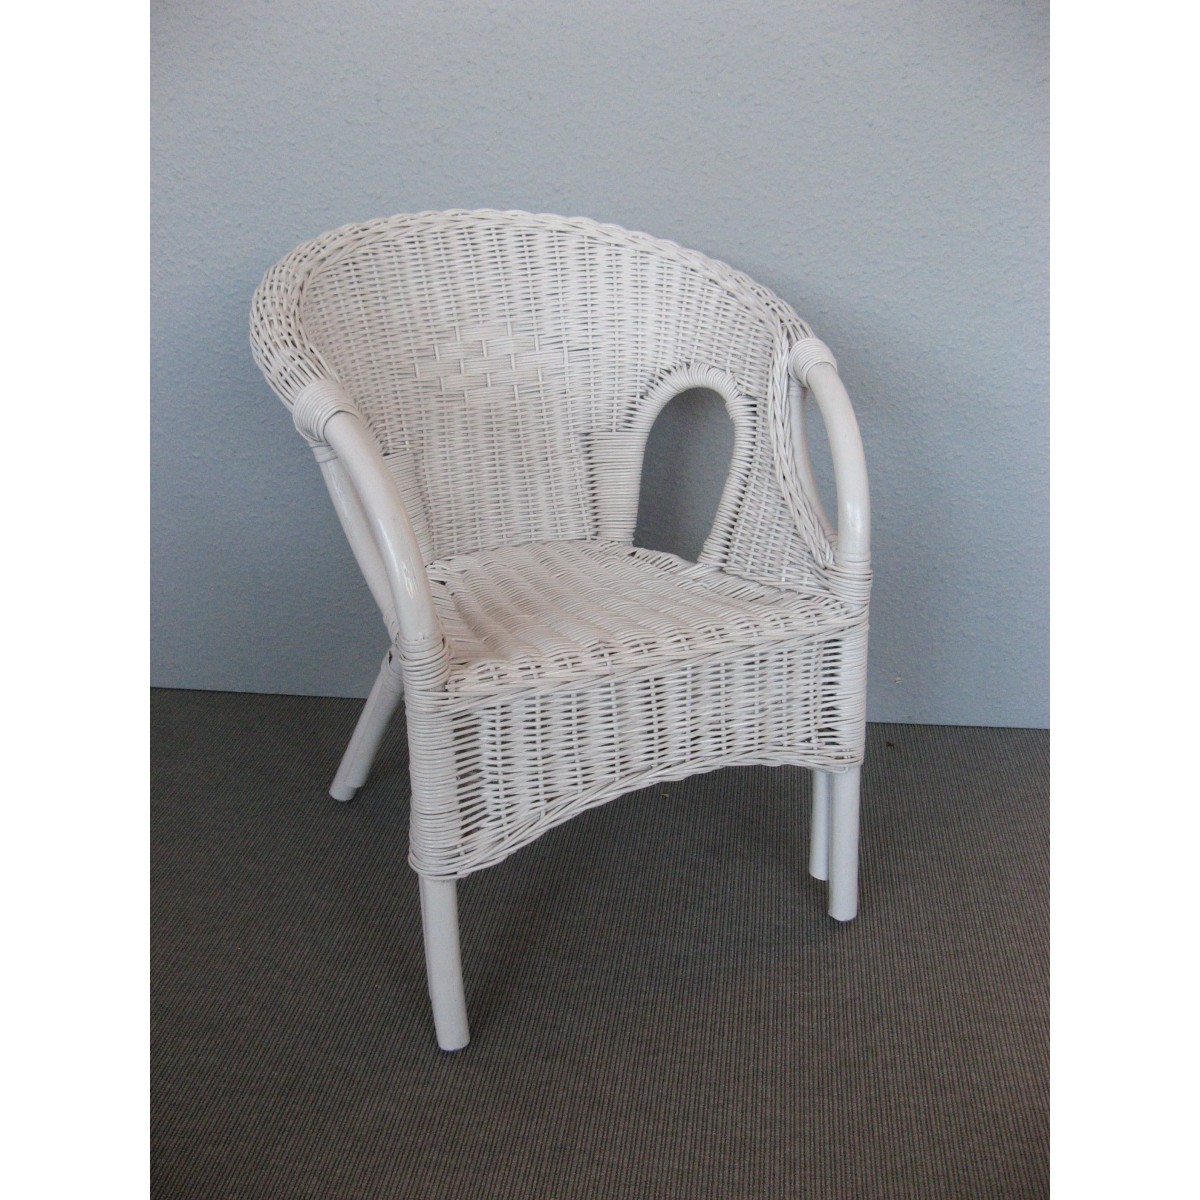 chaise en rotin blanc enfant